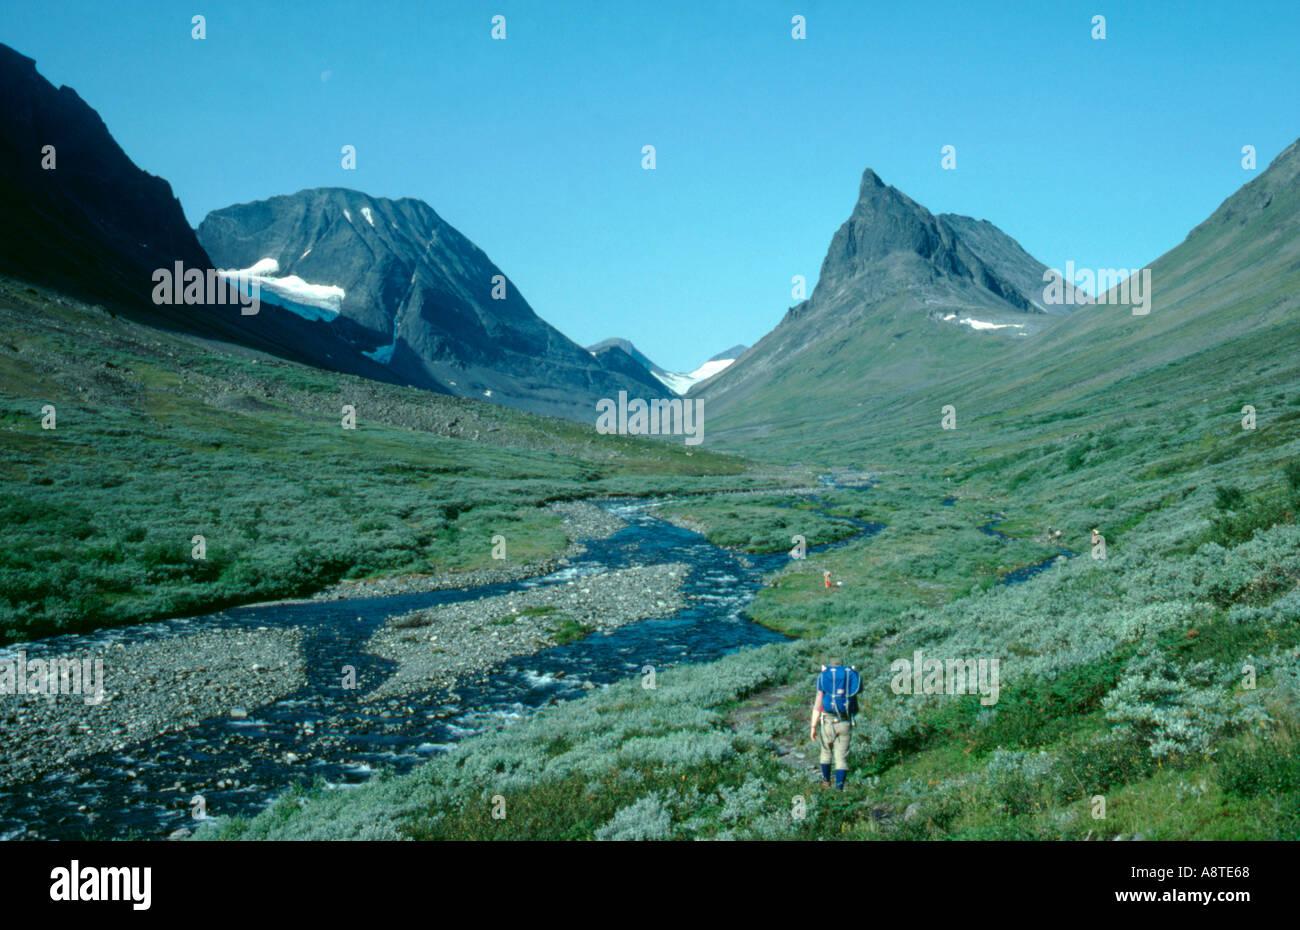 Nallo from Unna Raitavagge valley, Kebnekaise, Lappland, Norrbottens Län, arctic Sweden.Stock Photo